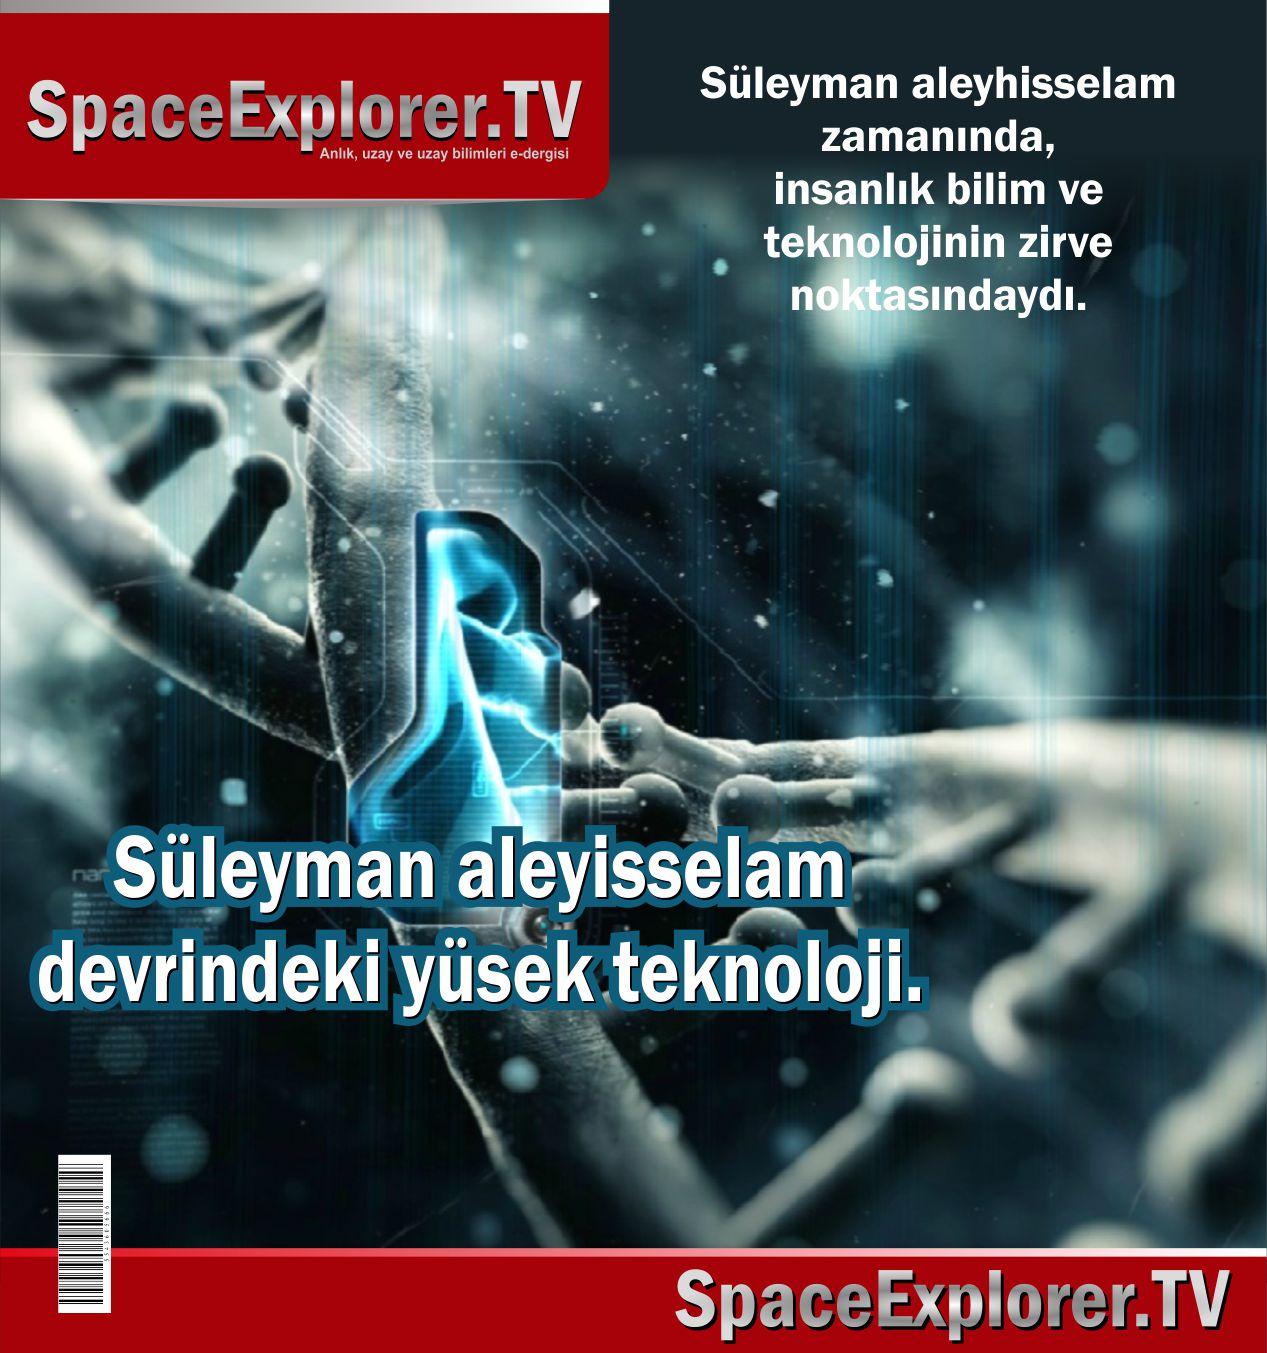 Antik uzaylılar, Ay'daki antik şehir, Süleyman Hilmi Tunahan, Süleyman aleyhisselam, Geçmiş teknoloji devirleri, Ay'da bulunan uzaylı mumyası, İnsanlık tarihi ne kadar, Tarih,